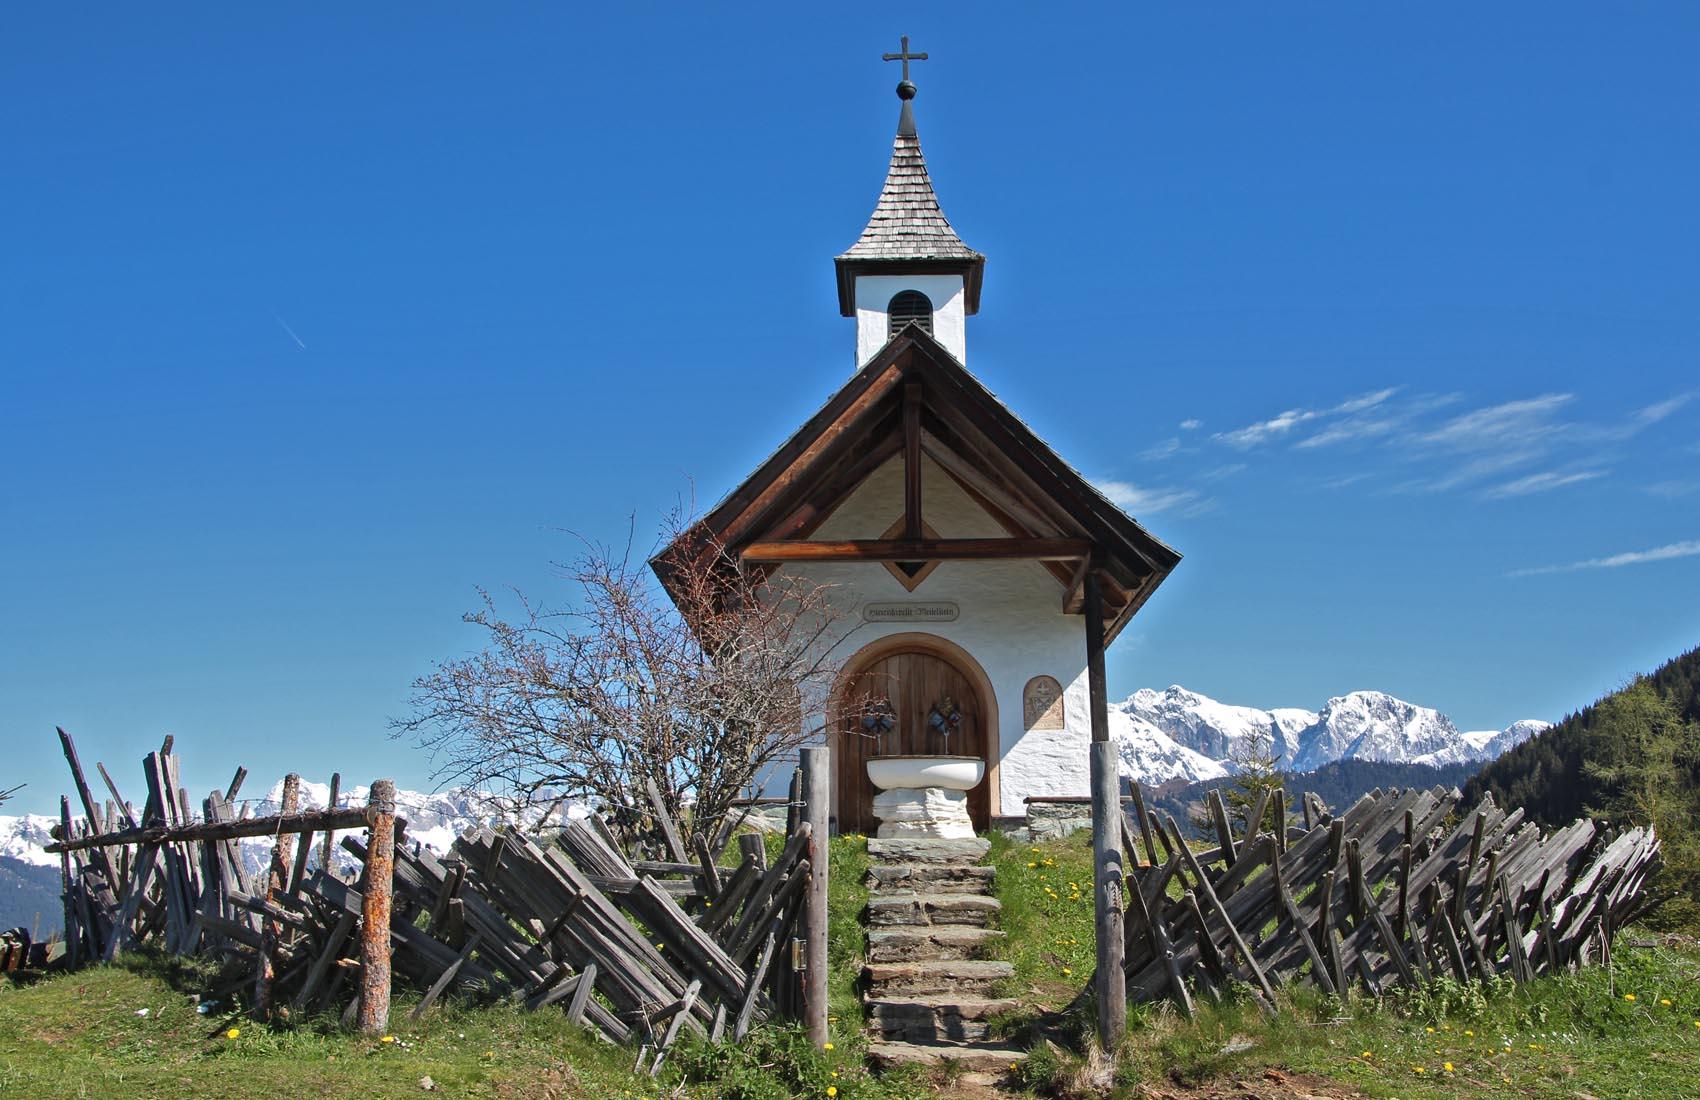 Die Kapelle liegt malerisch auf einer Bergkuppe